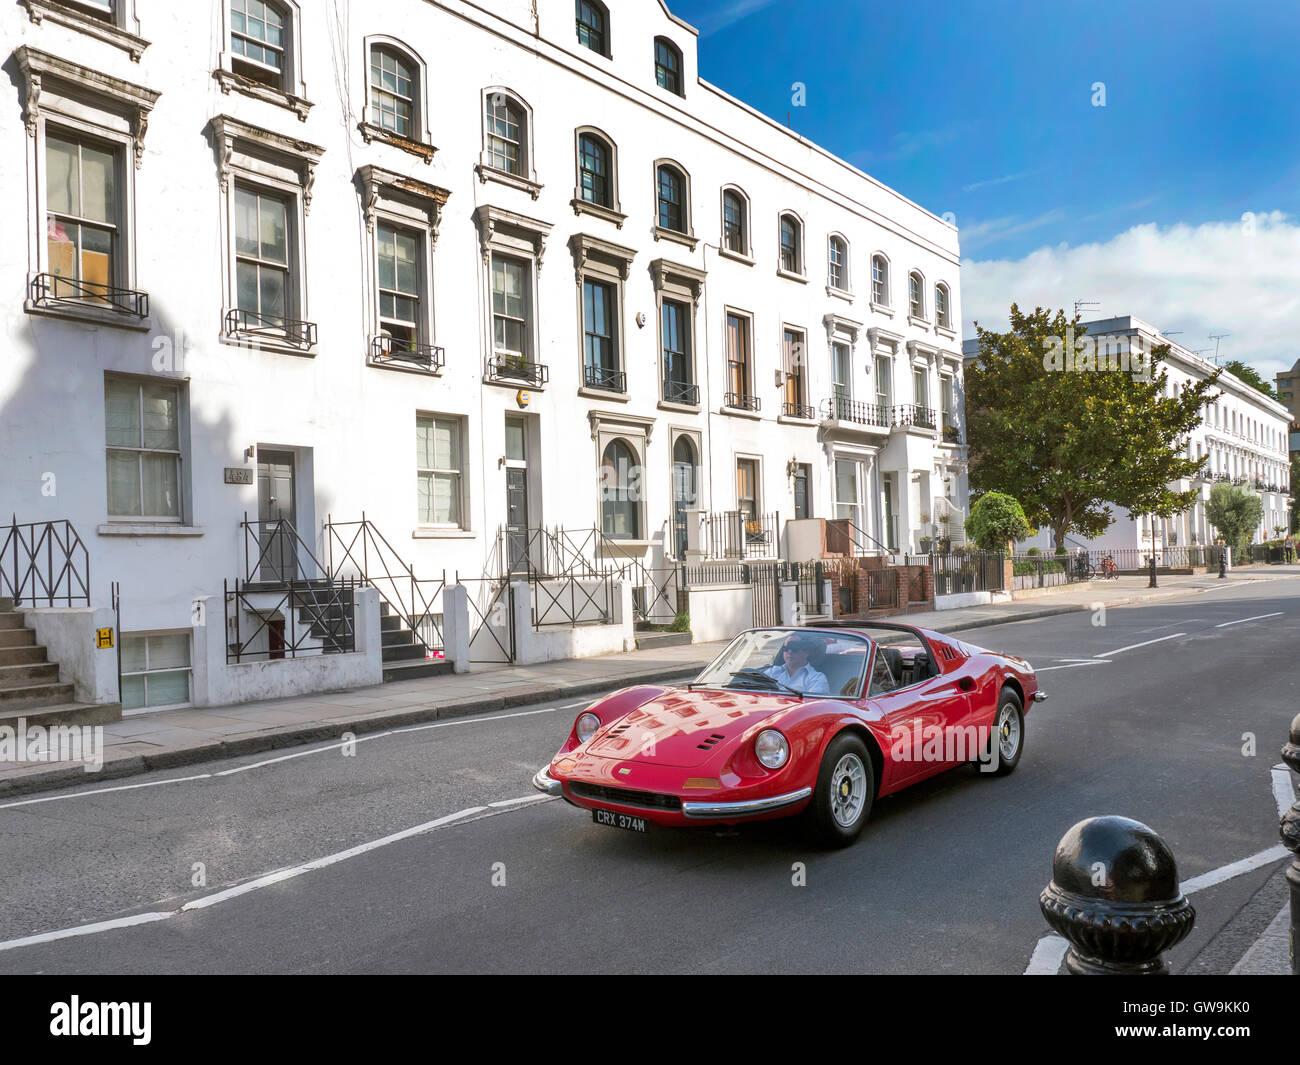 Dino Ferrari 246 1973 in Kings Rd Chelsea London UK - Stock Image